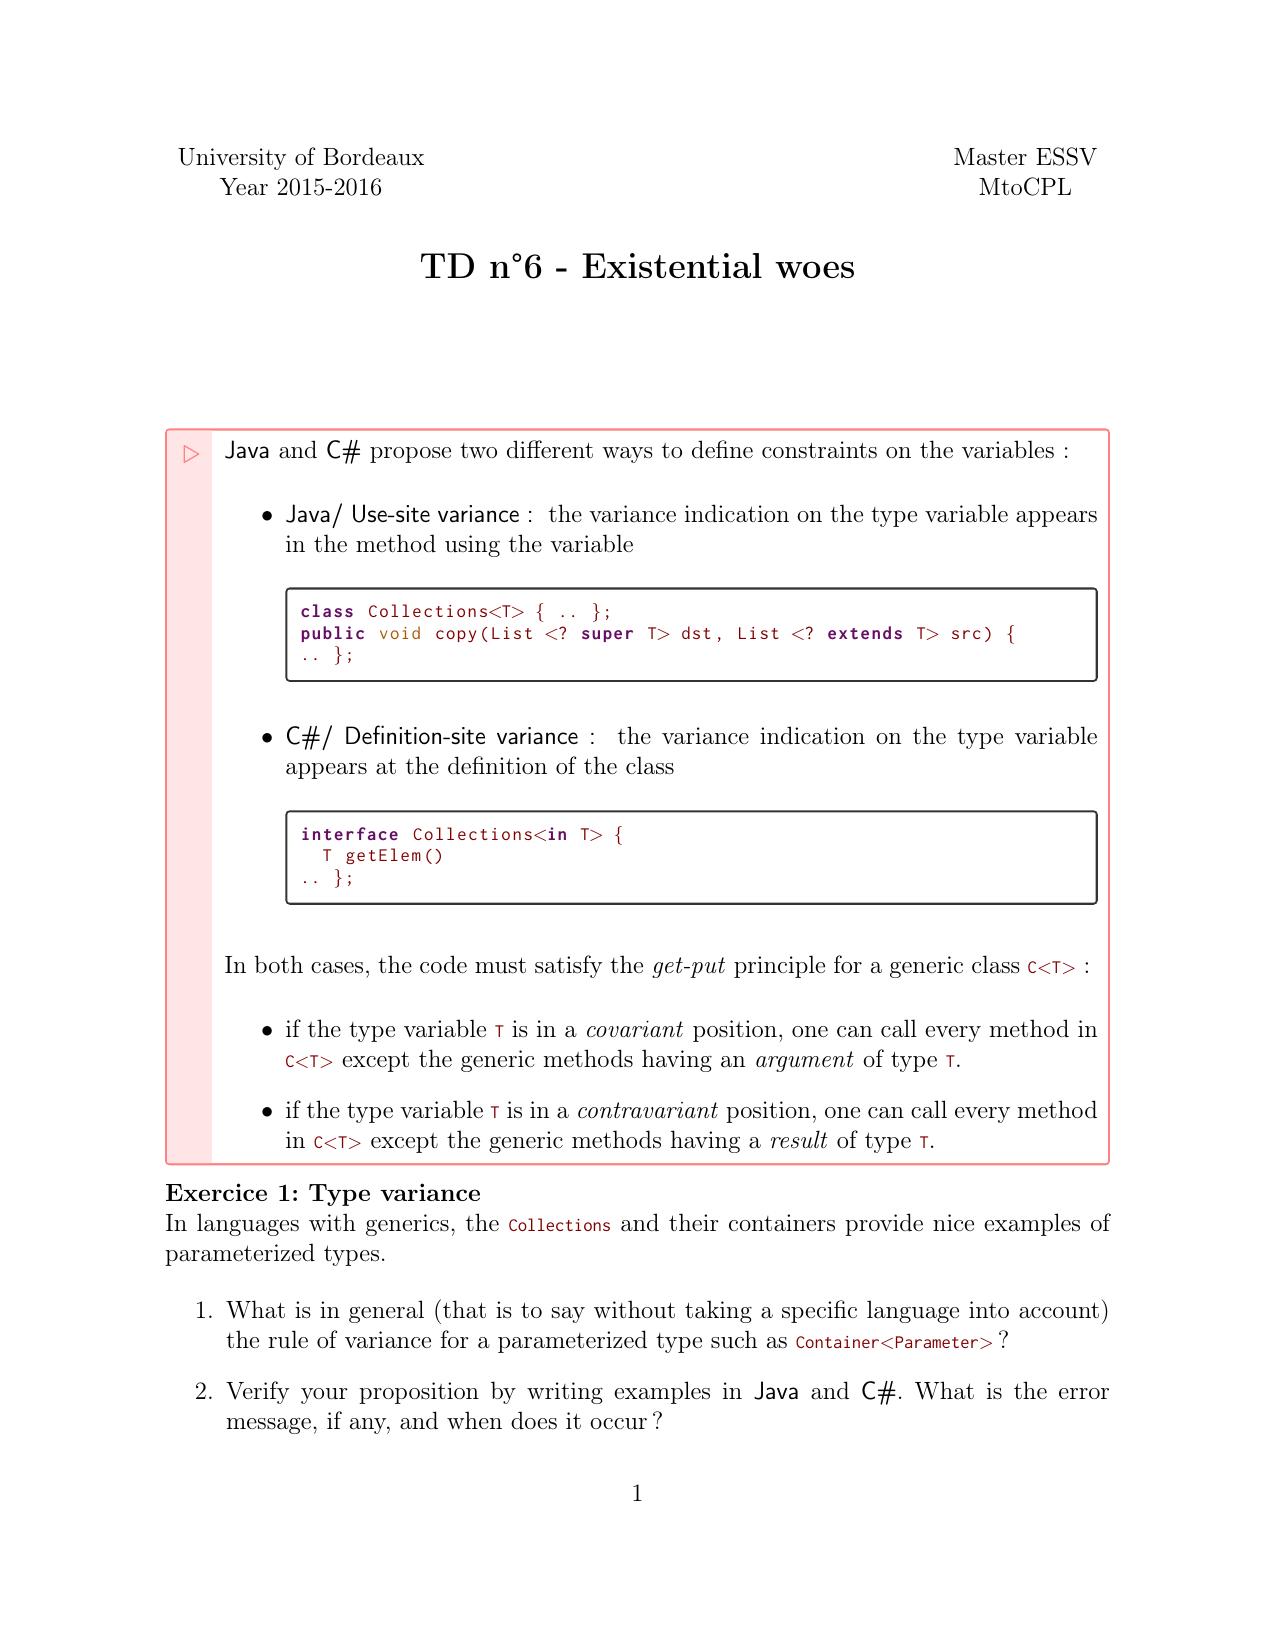 TD n°6 - Existential woes